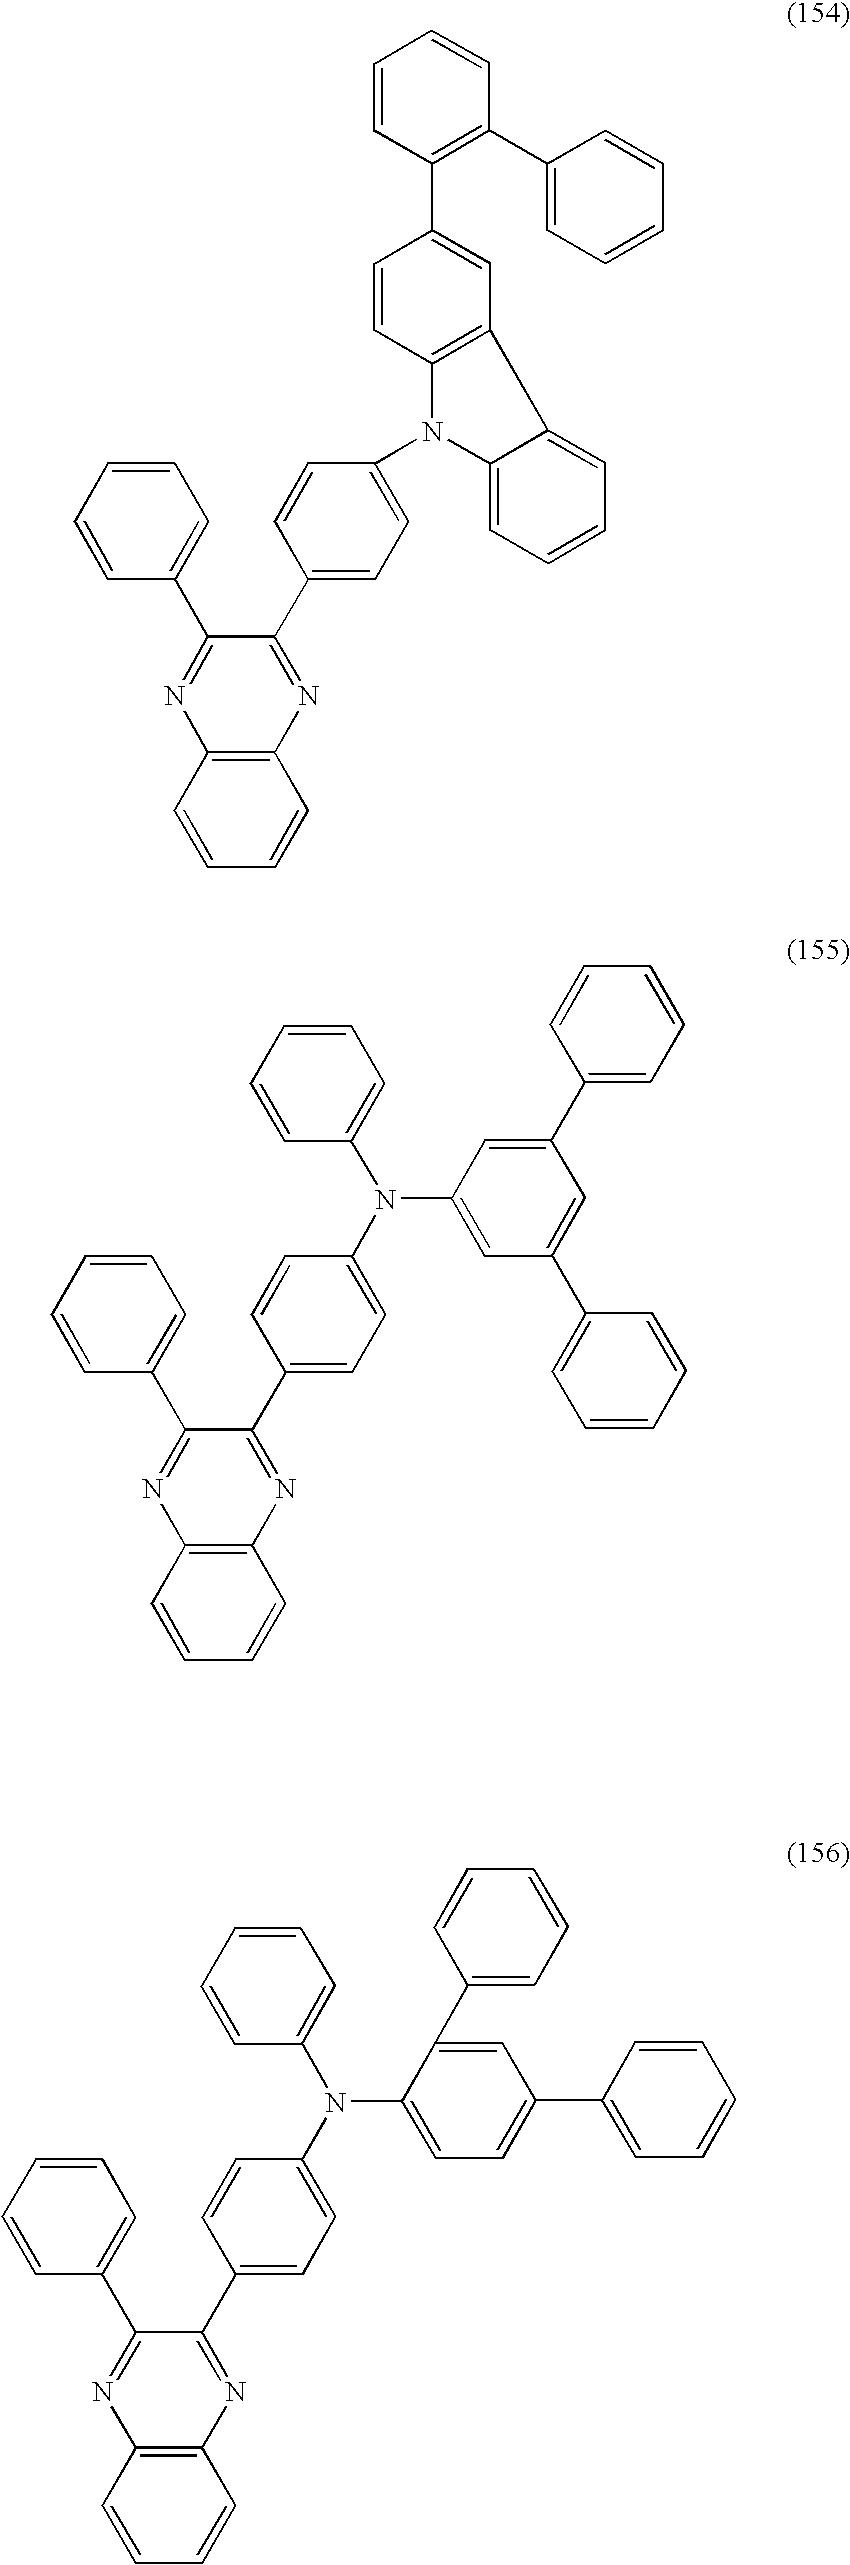 Figure US08178216-20120515-C00054